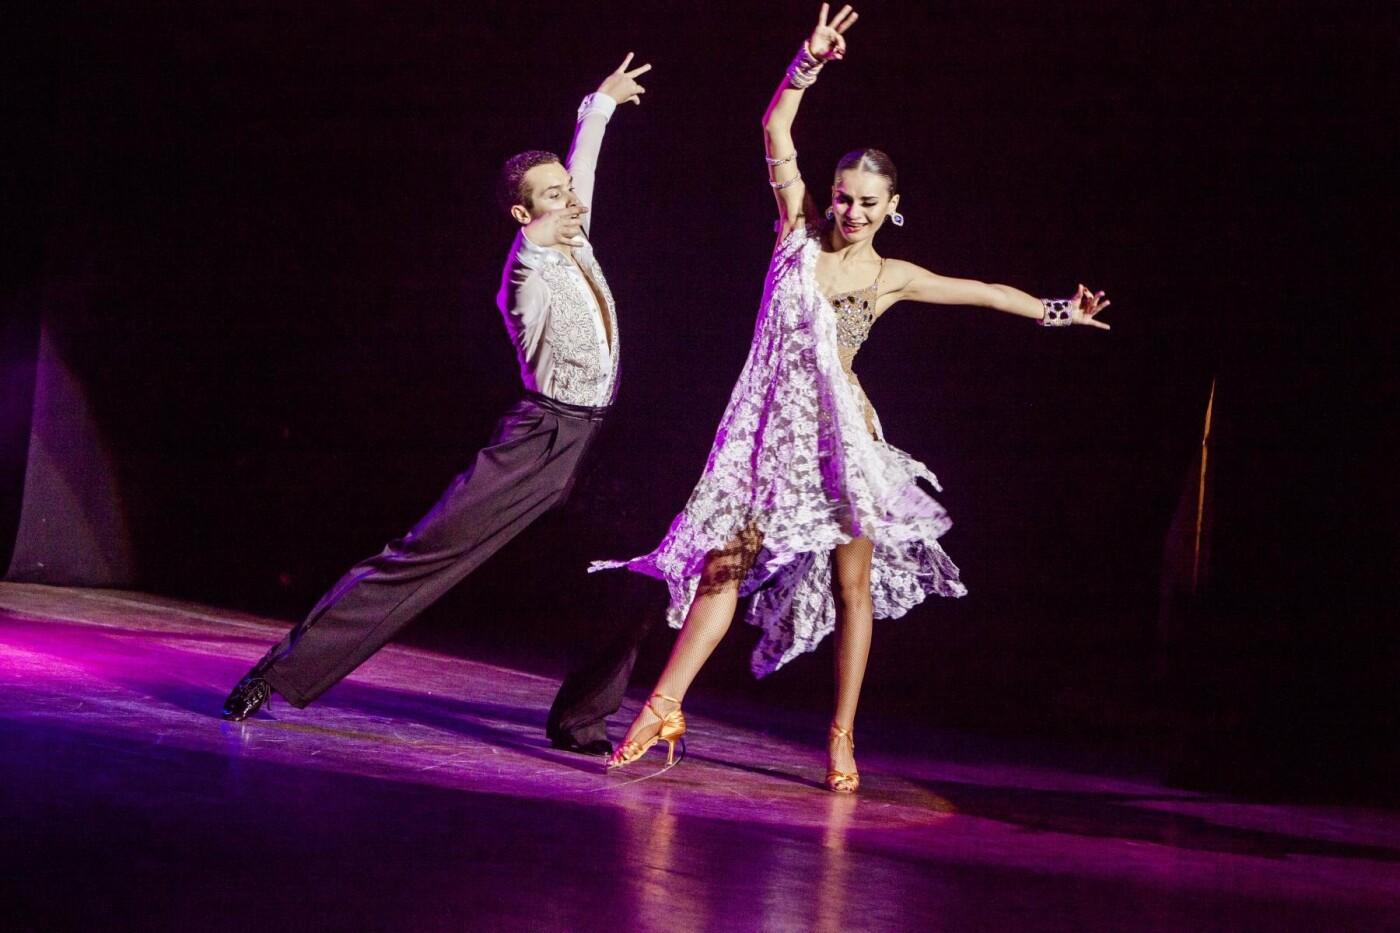 С программой «Избранное» в Ялте выступит Севастопольский Театр Танца имени Вадима Елизарова, фото-3